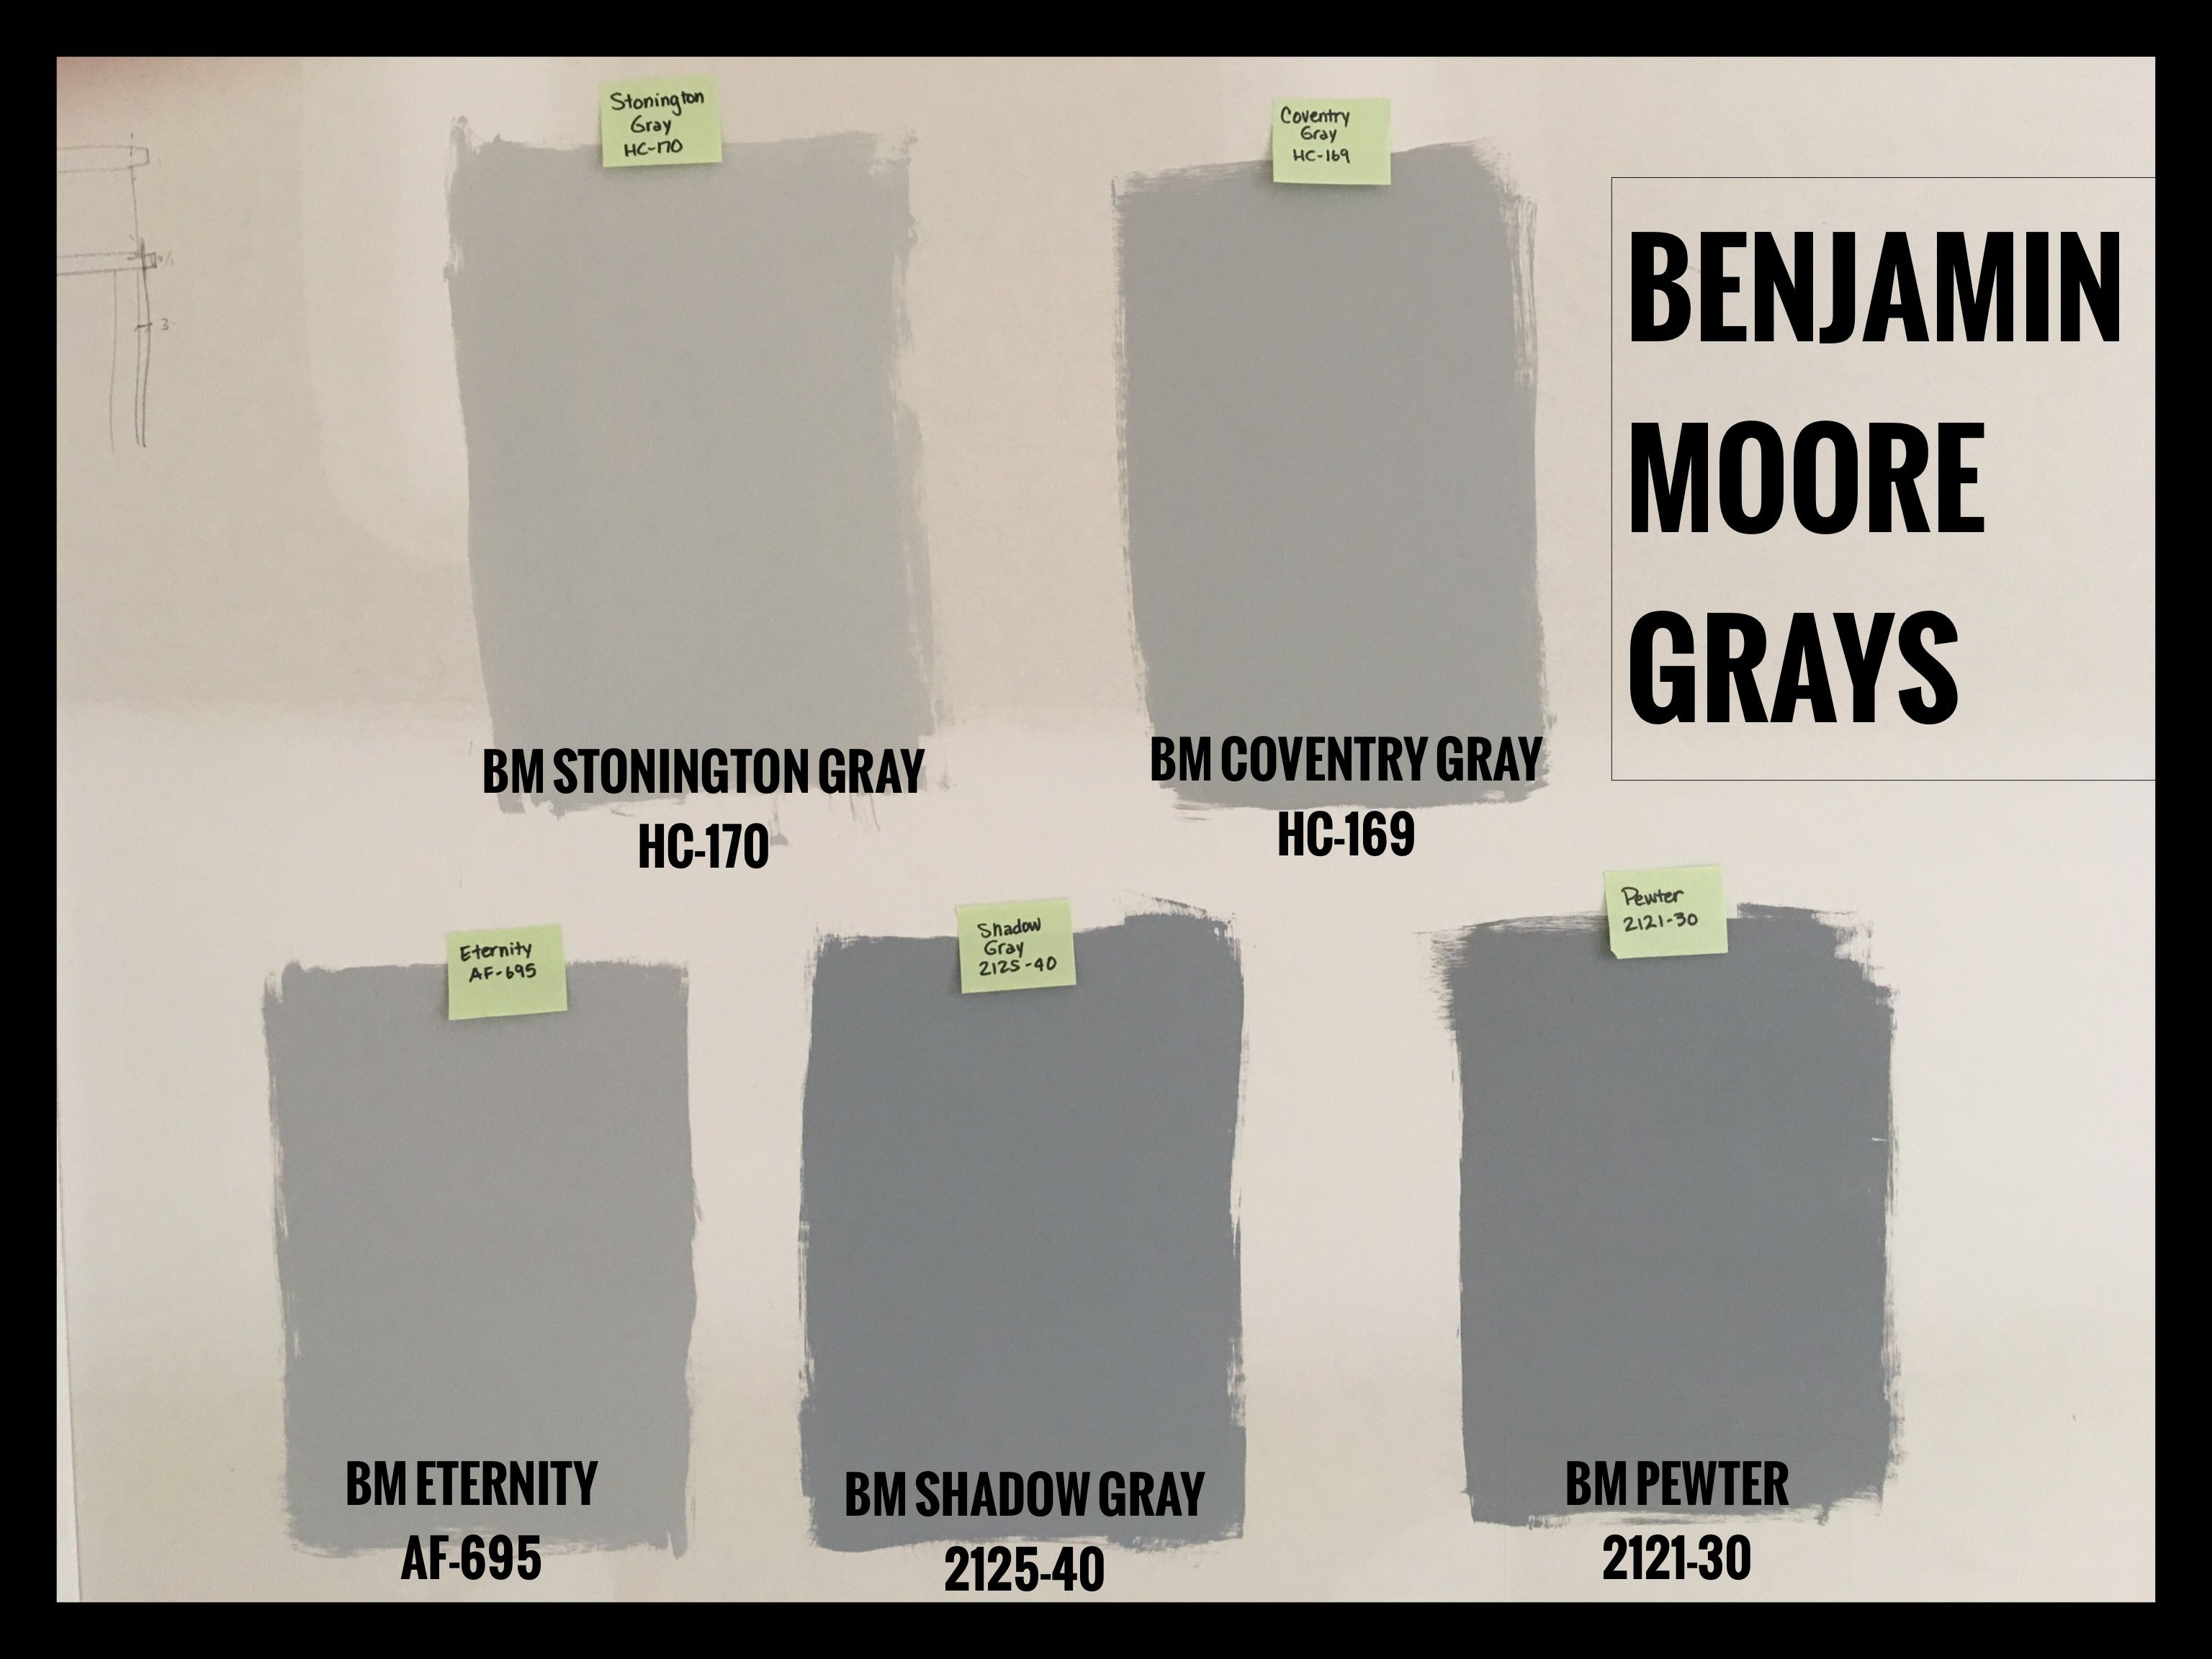 Benjamin Moore Gray Paint Swatches. BM Stonington Gray (HC ...